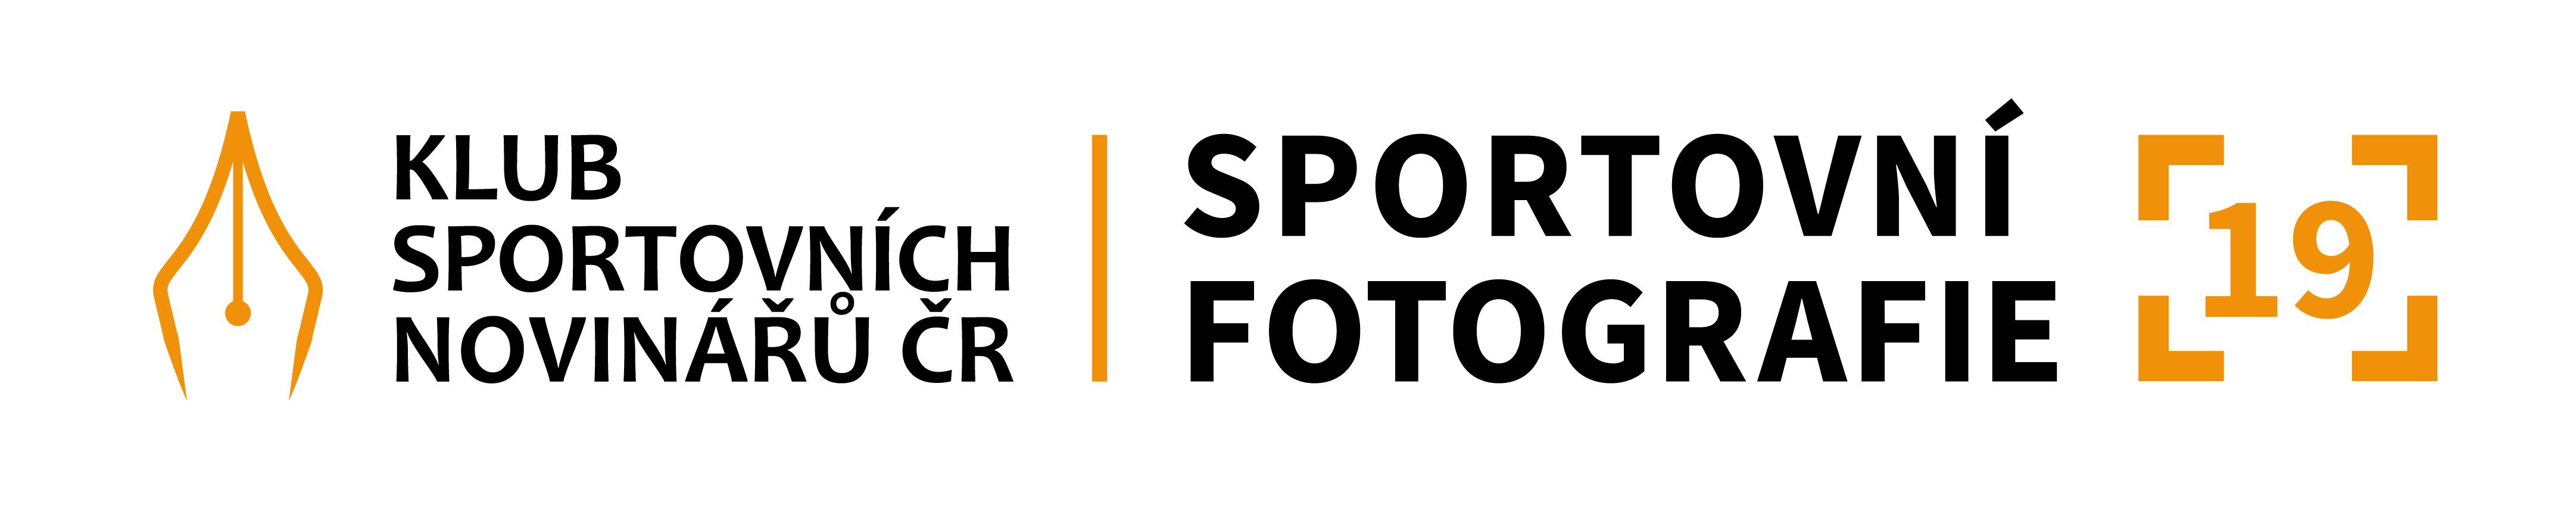 Sportovní fotografie roku 2019